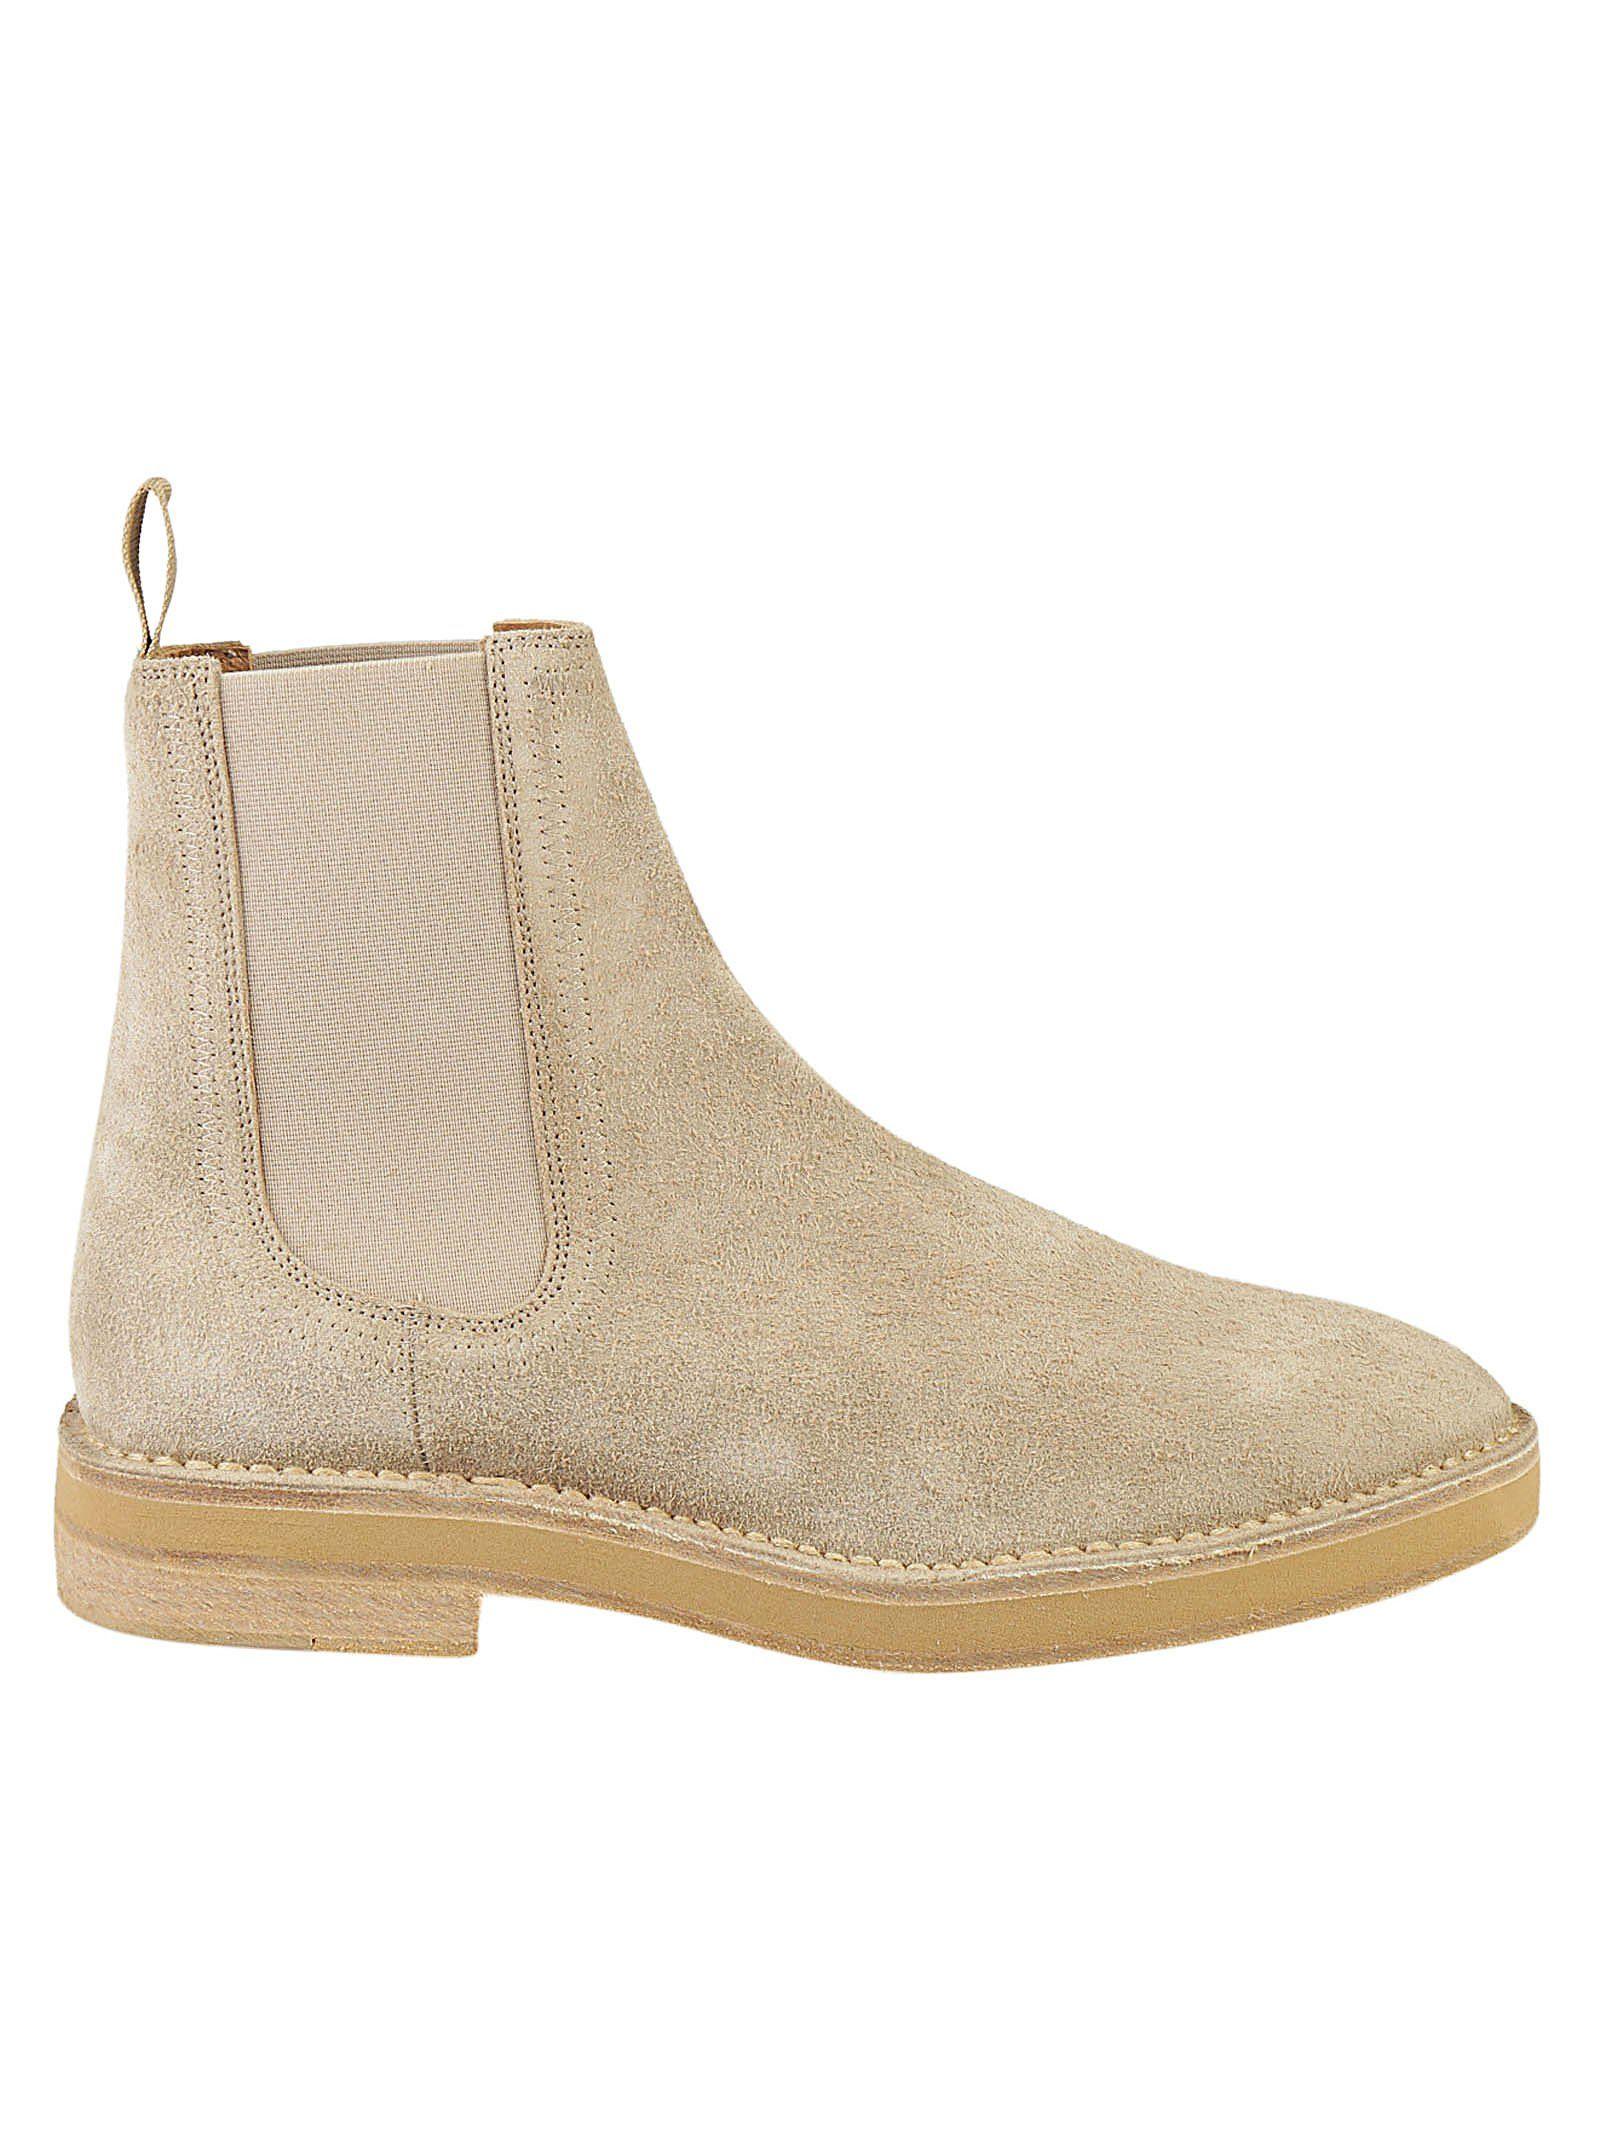 97275a1825998 YEEZY YEEZY SEASON 6 CHELSEA BOOT.  yeezy  shoes